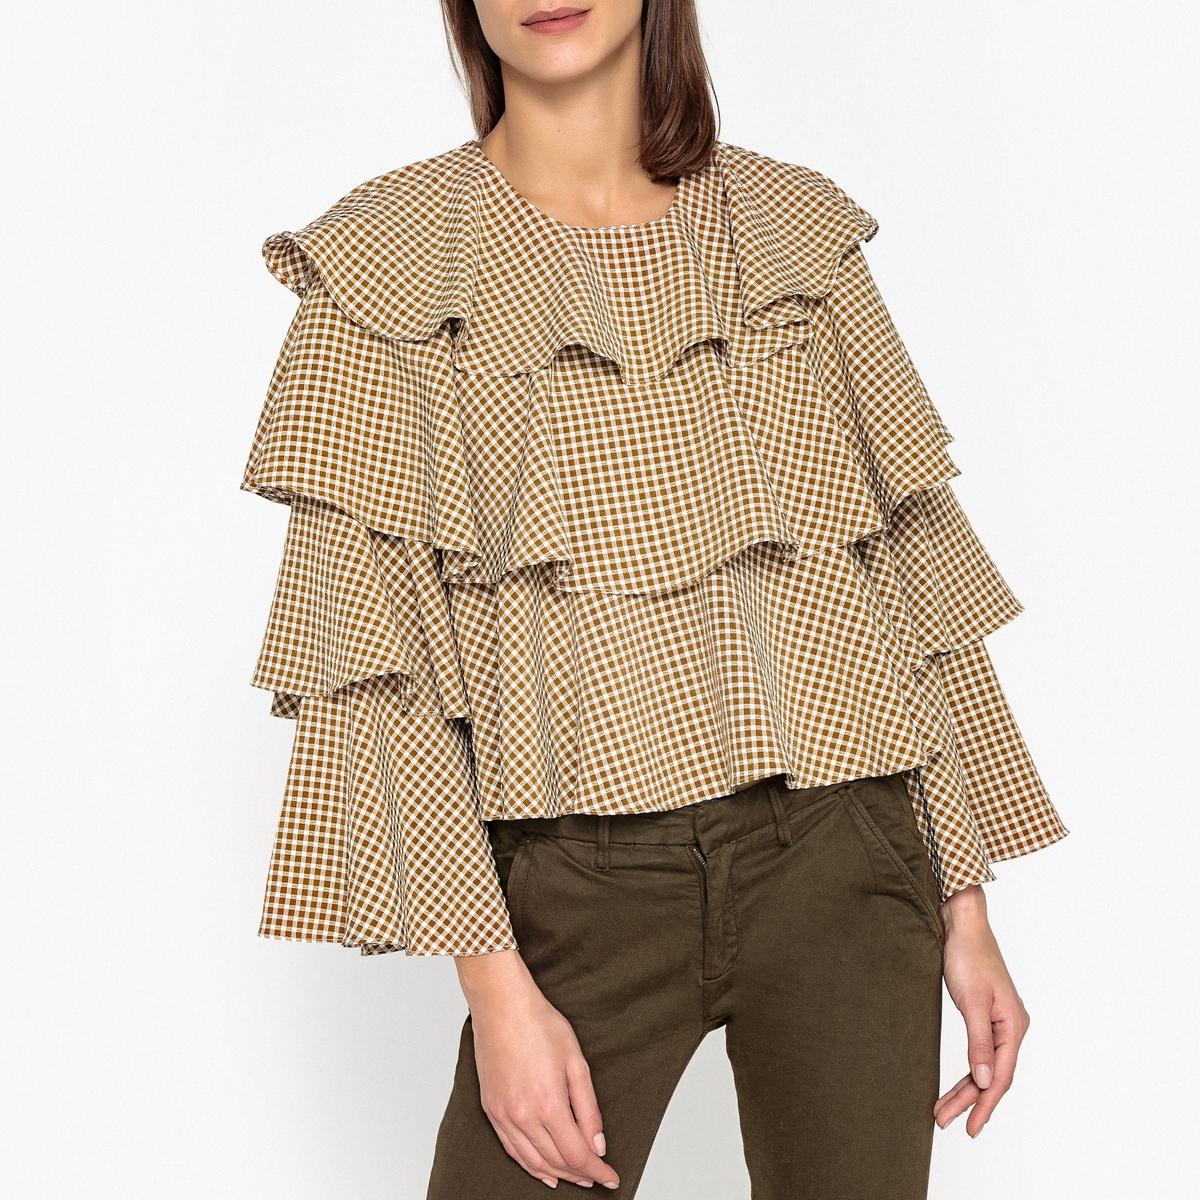 Блузка объемная в клетку с воланами KAK блузка в клетку с воланами и длинными рукавами check